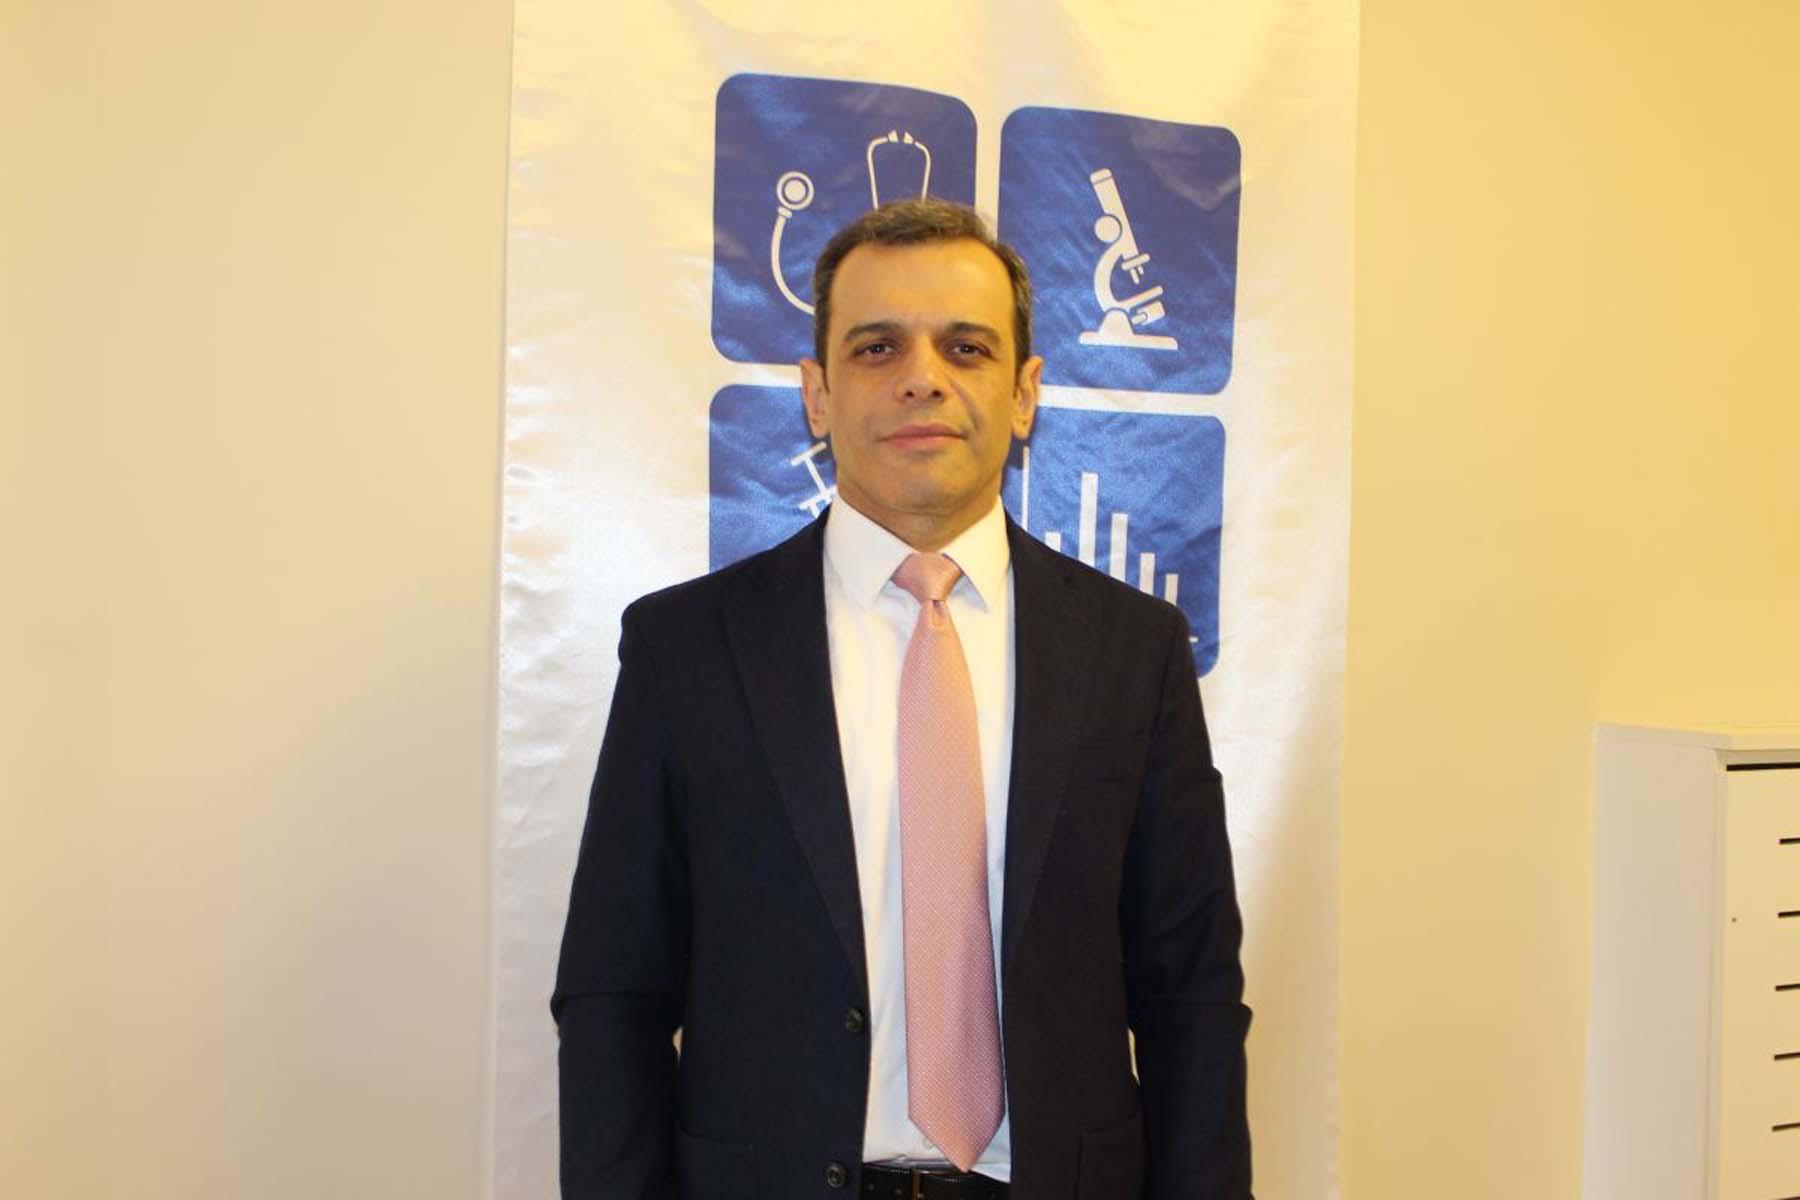 Prof. Dr. Alpay Azap güzel haberi verdi ama uyardı: Salgının sonuna yaklaşıyoruz ama salgın bitmedi